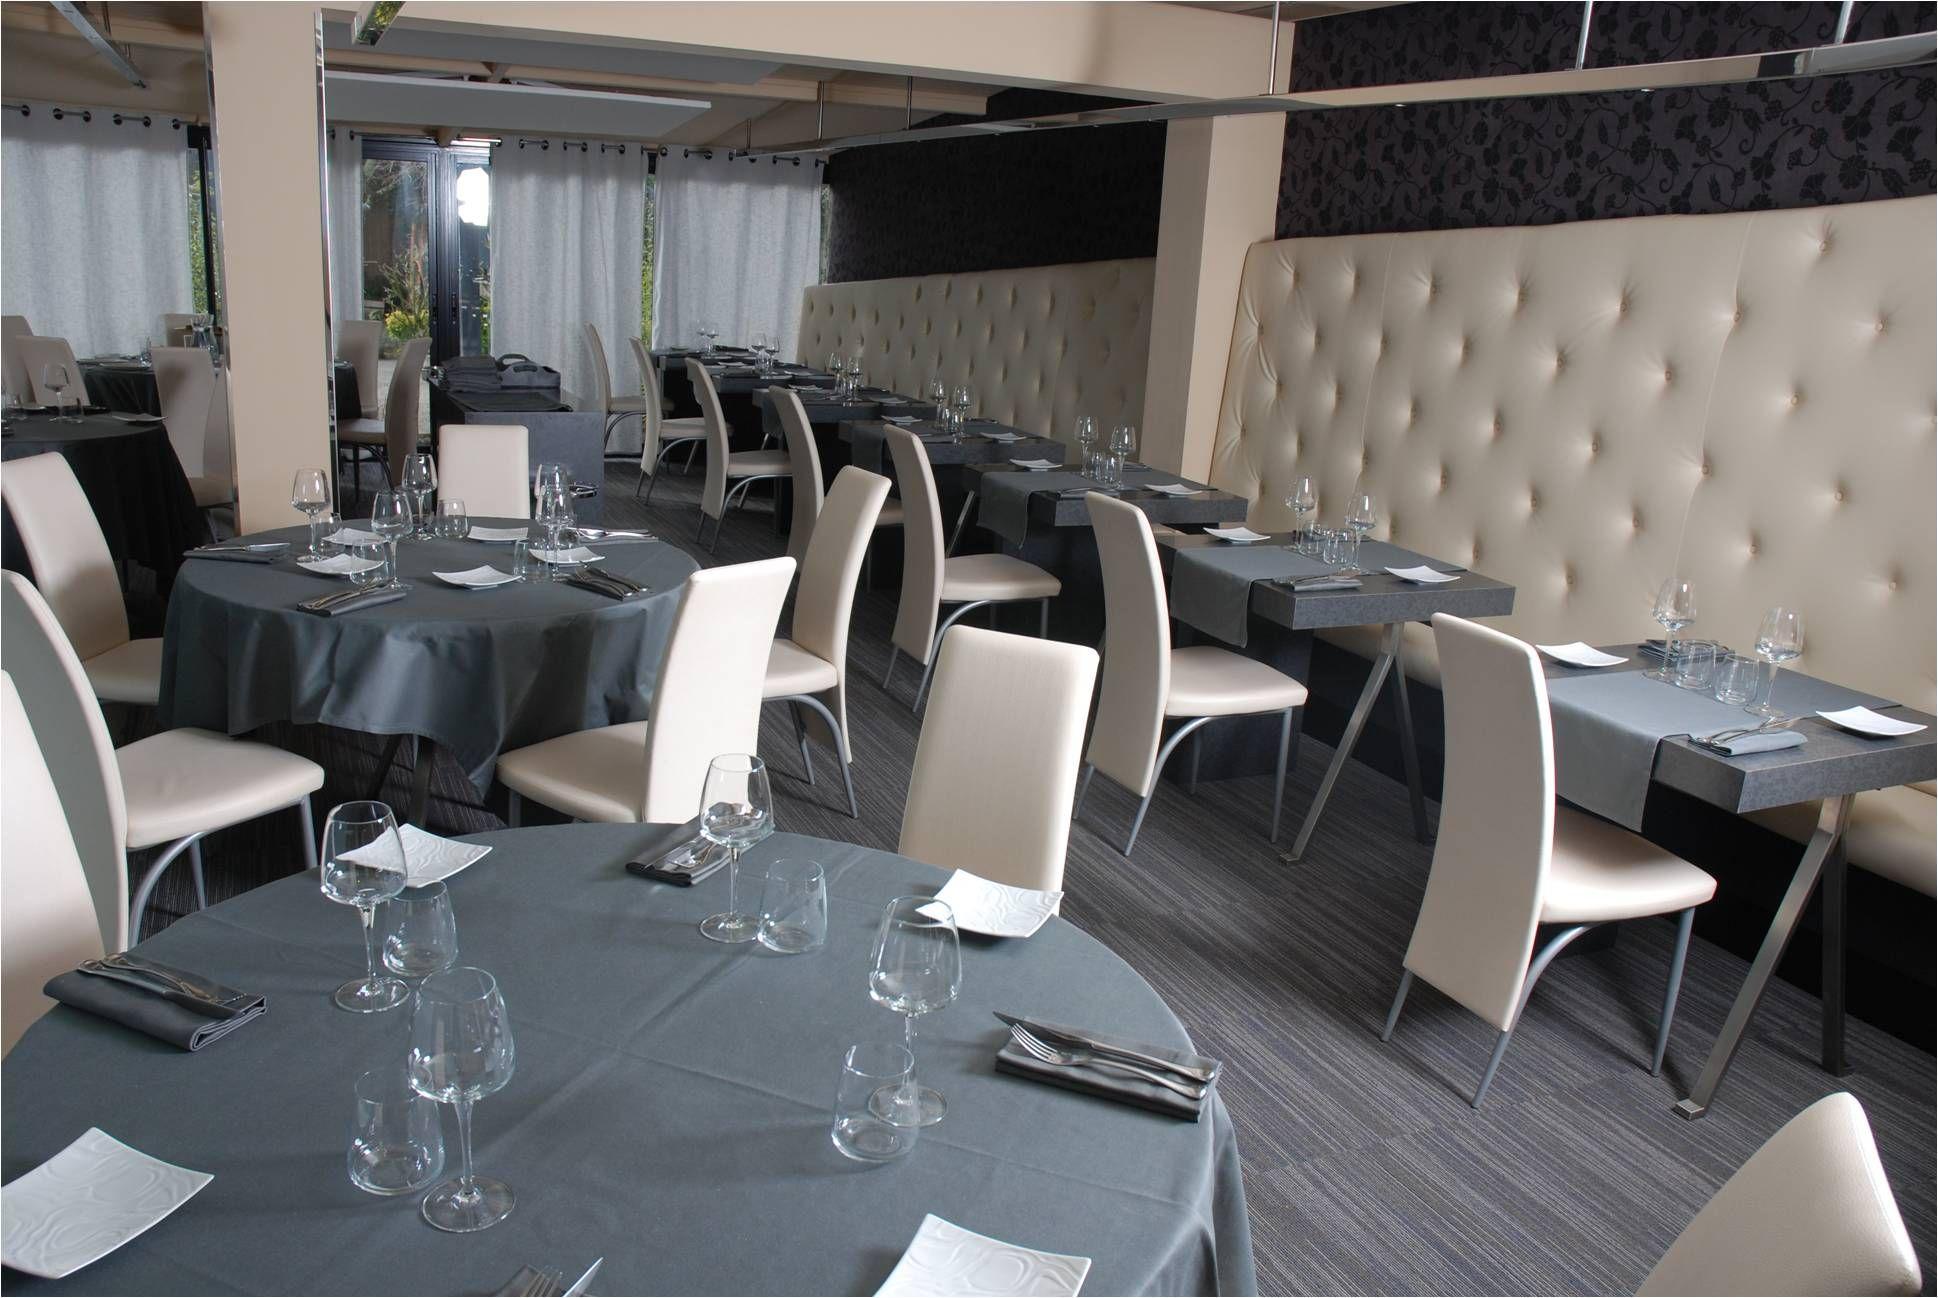 lisse prix de la rue france pas cher vente Restaurant La Cape - 9 Allée de la Morlette - 33150 Cenon ...